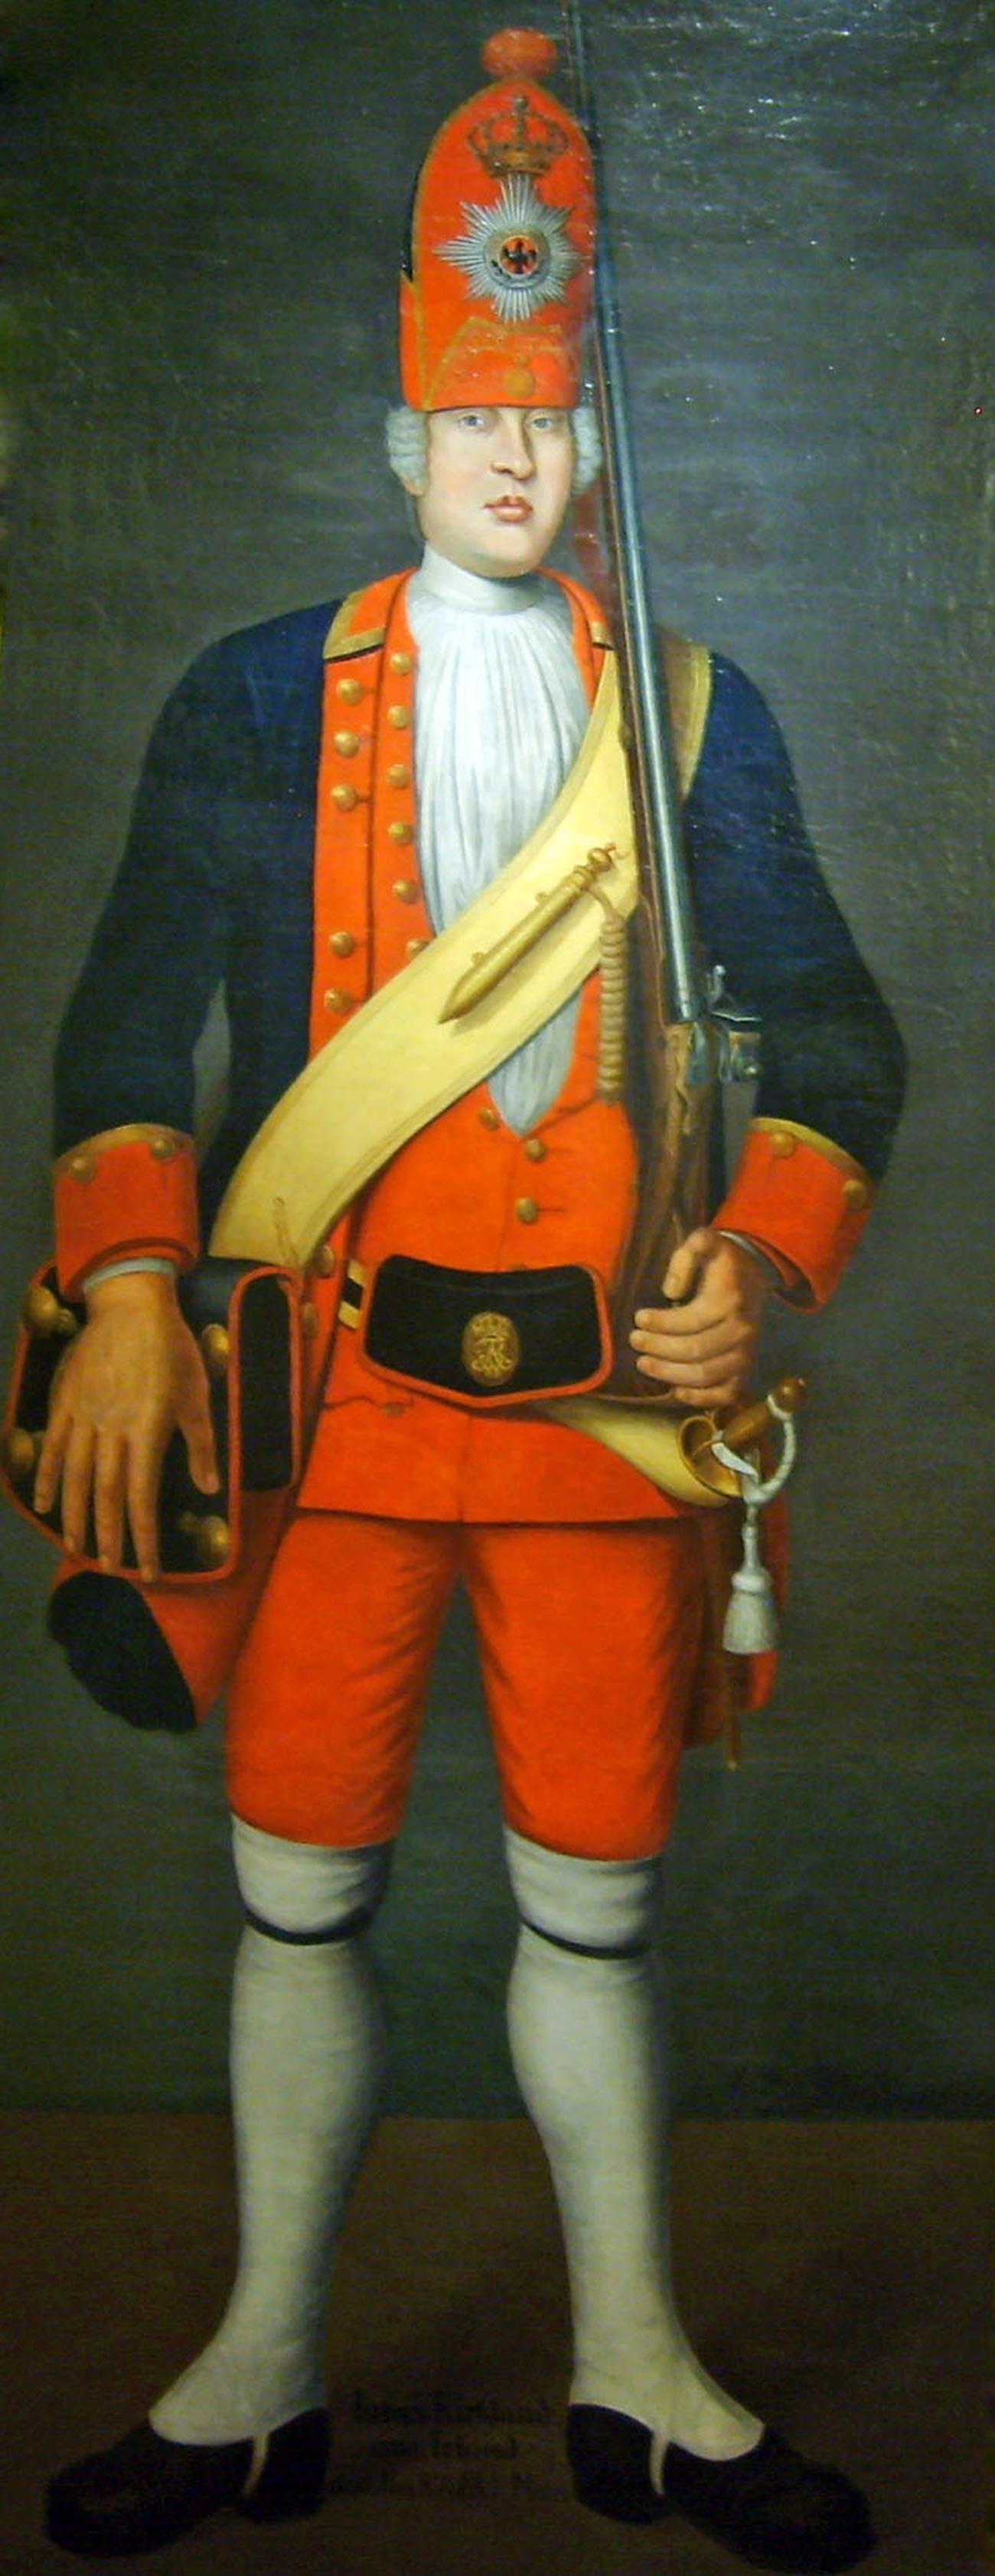 Џејмс Киркленд из Ирске, високи младић који је служио у гарди Фридриха Вилхелма  I.